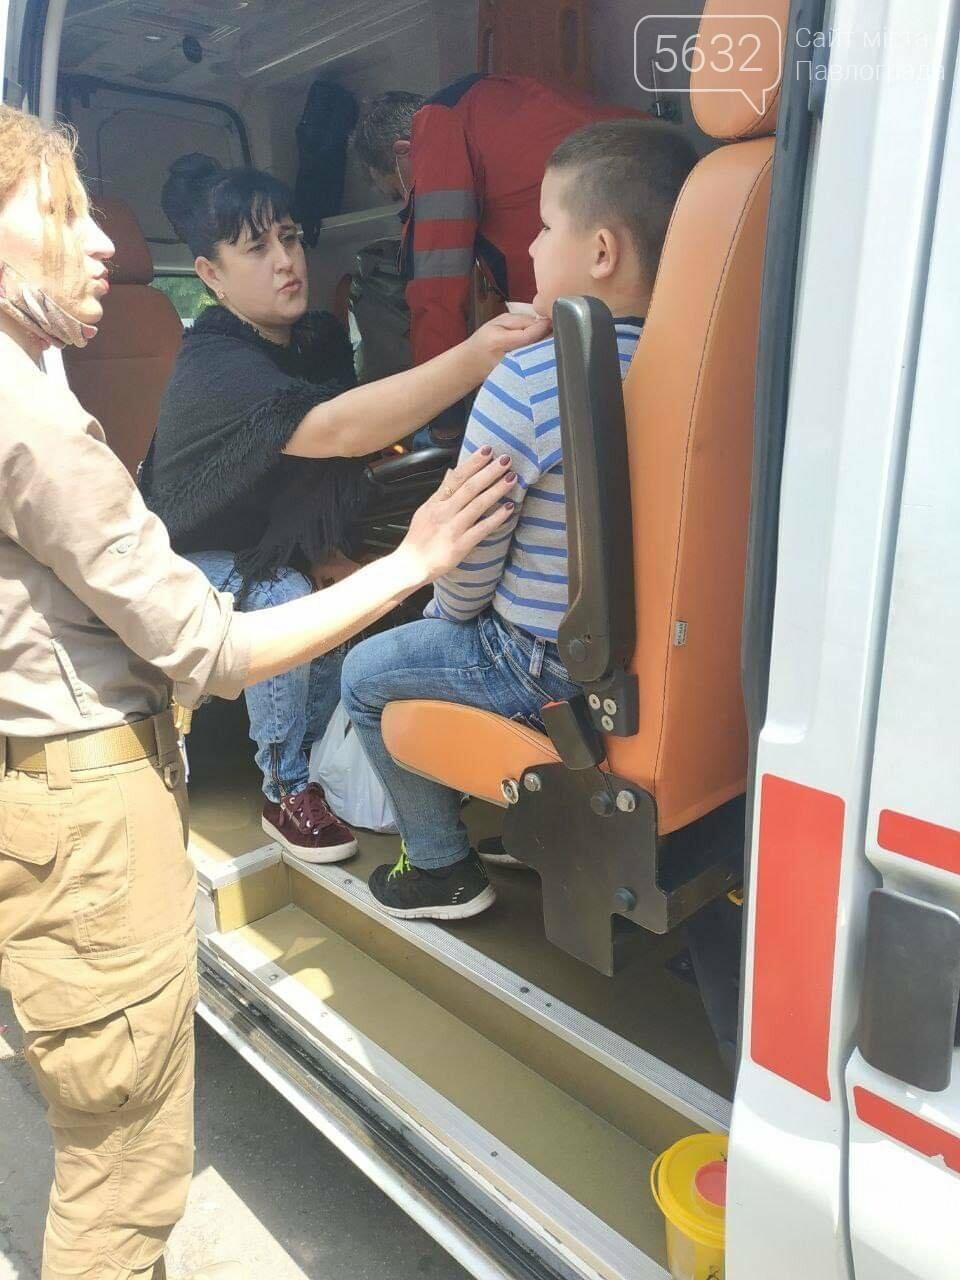 Перебегал дорогу в неустановленном месте: в Павлограде мальчик едва не погиб под колёсами автомобиля, фото-3